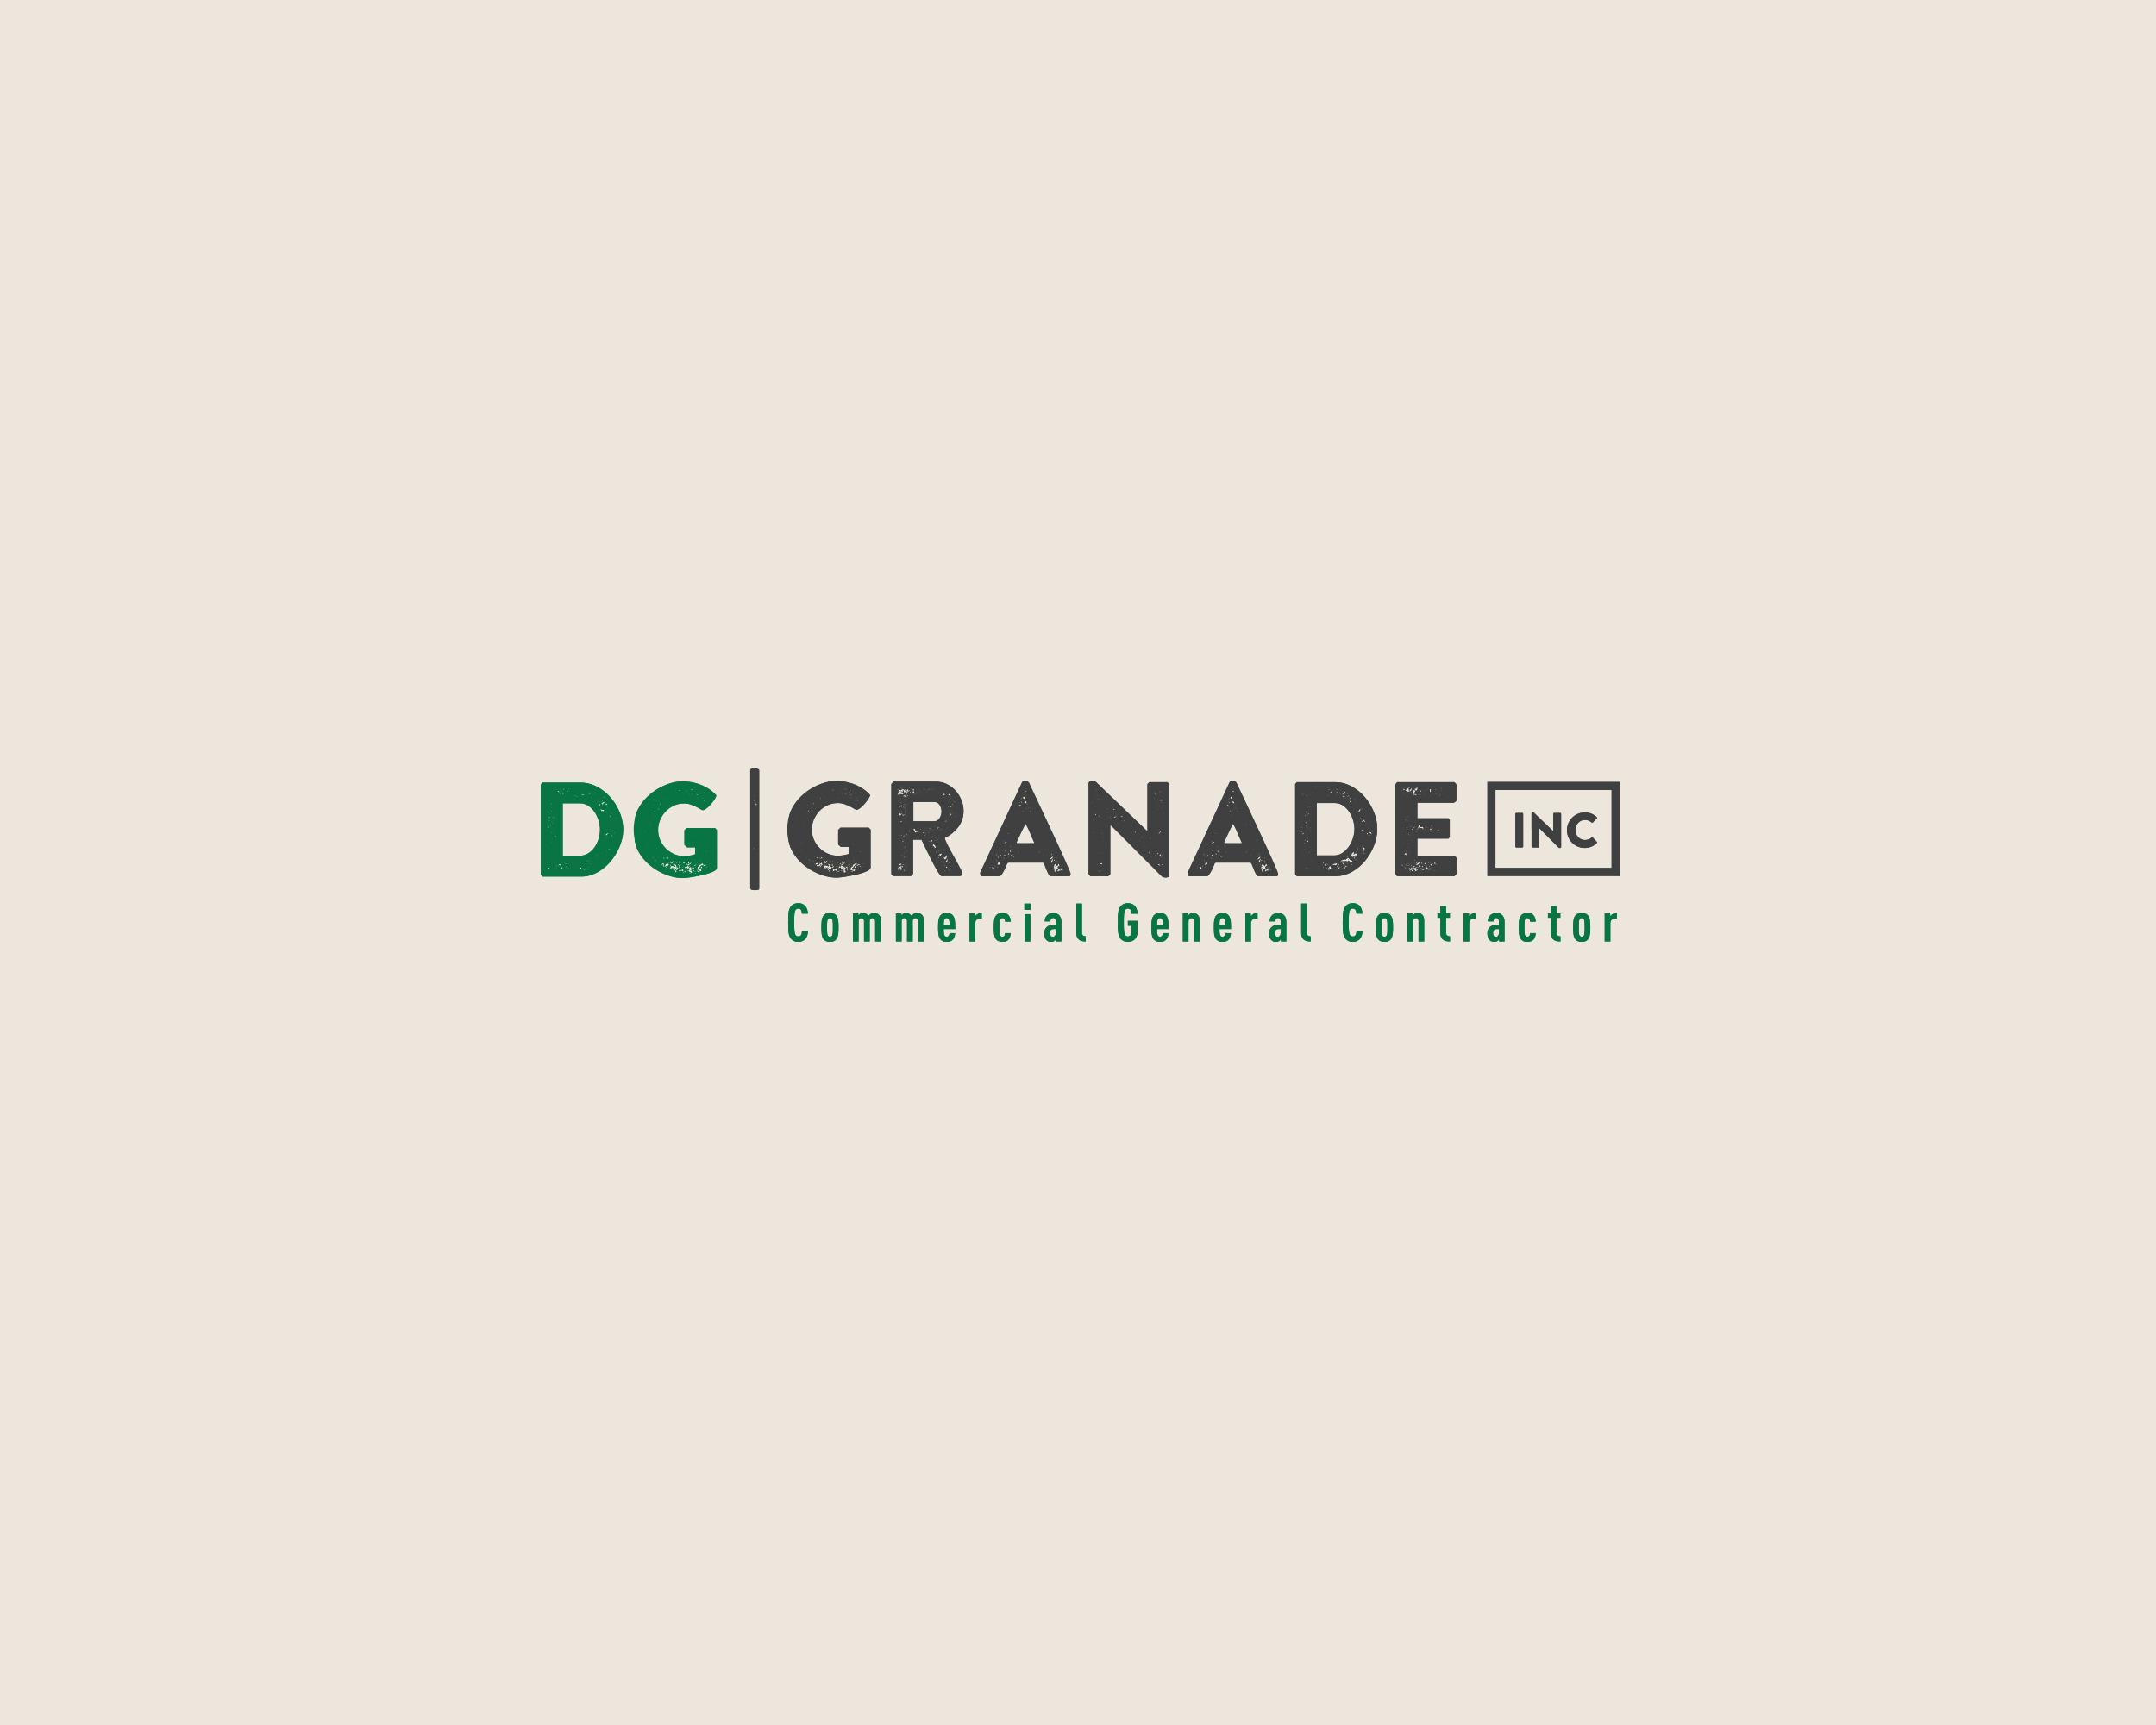 DG Granade Logo